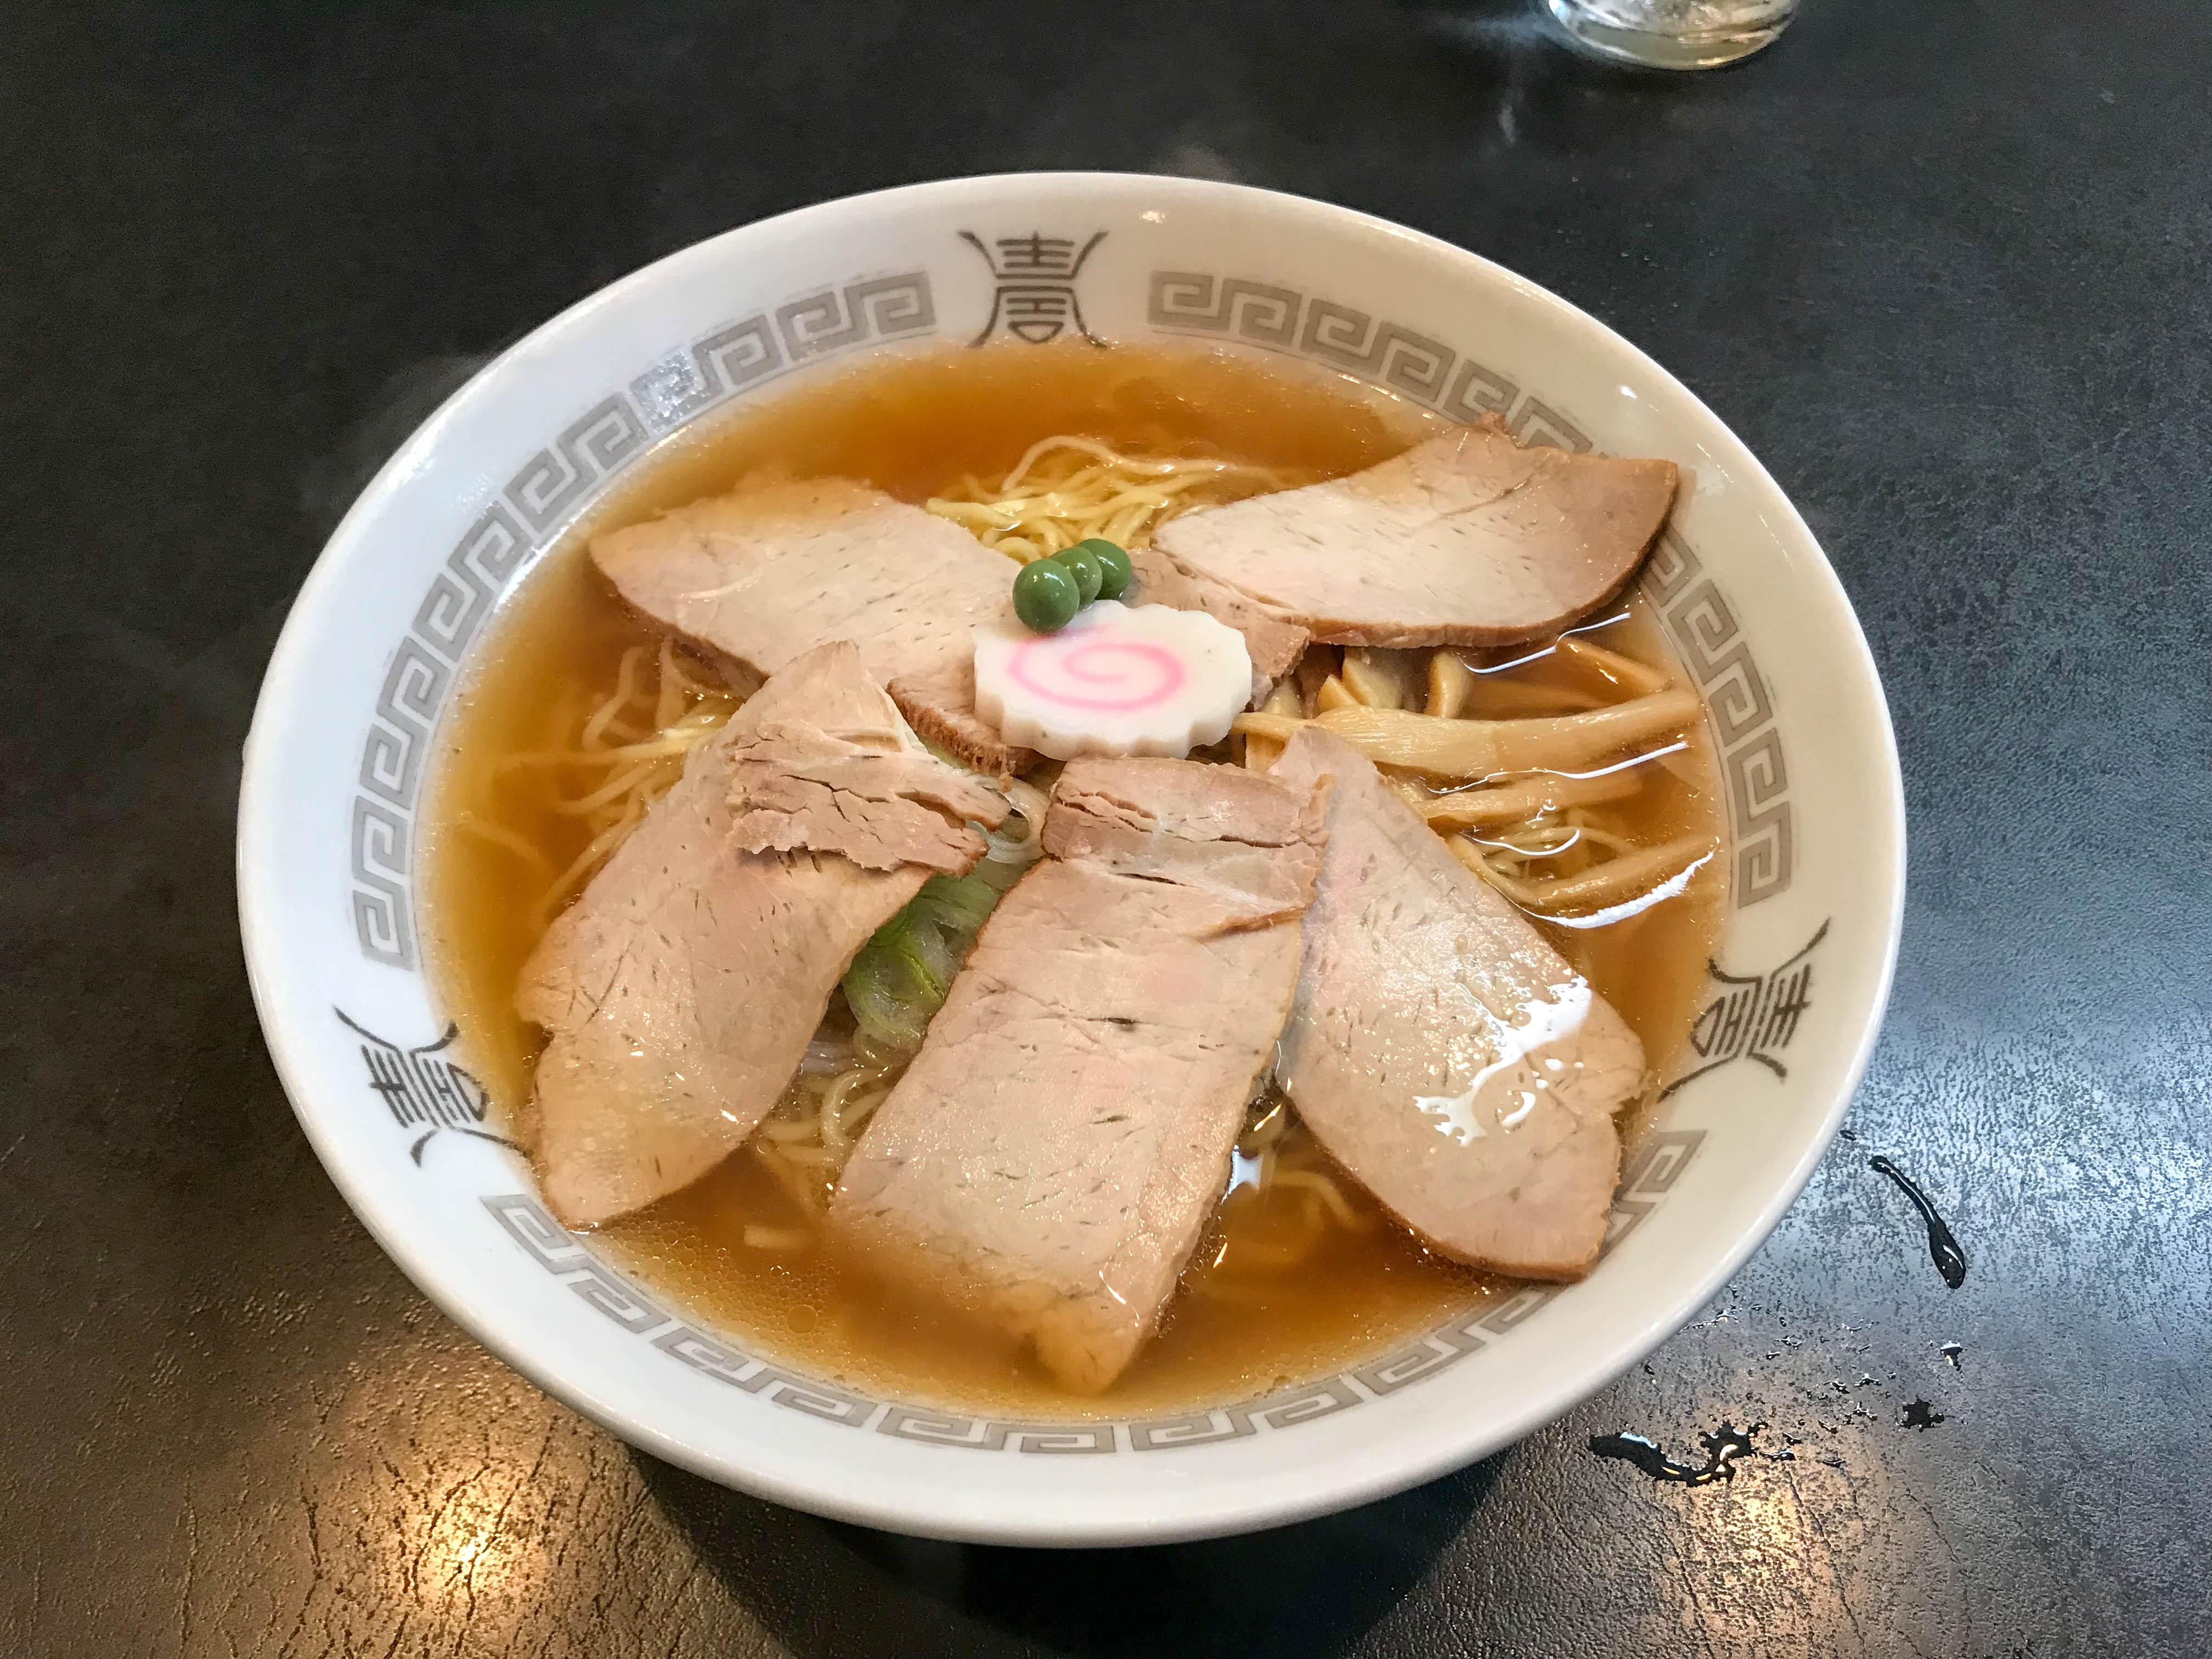 三吉屋 信濃町店(新潟市中央区信濃町) やっぱり新潟のラーメンと言えばこれなのかもしれない。超あっさり極細麺の優しさが沁みる。